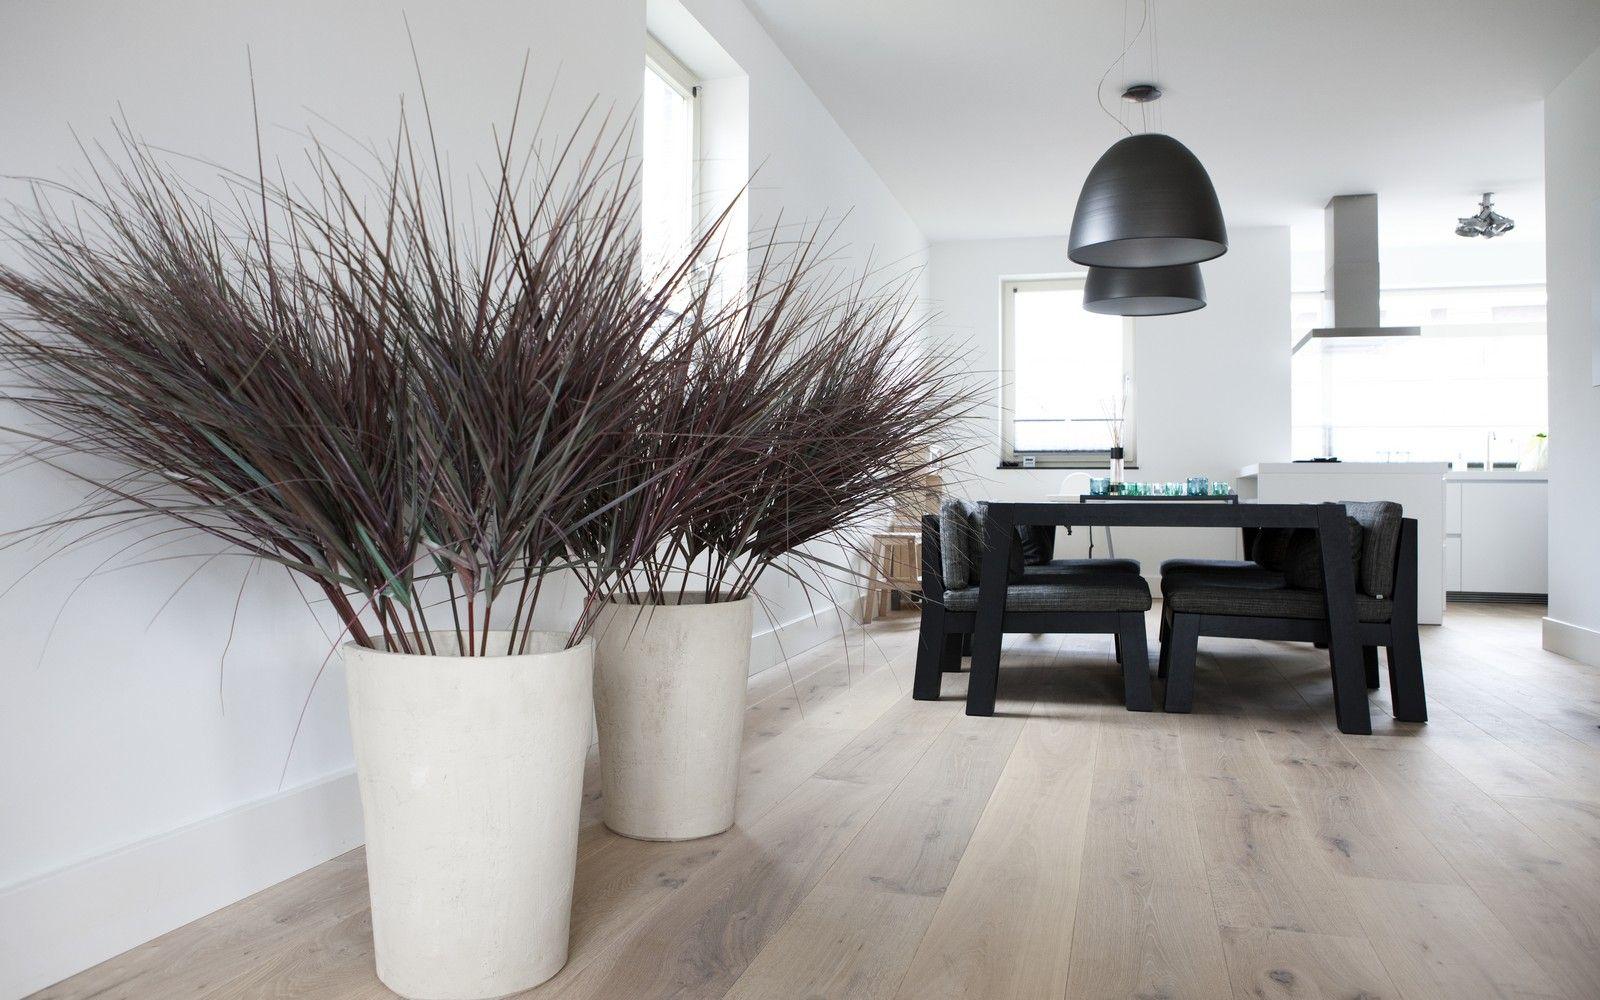 Foto 39 s van houten vloeren uipkes houten vloeren uipkes for Interieur vloeren